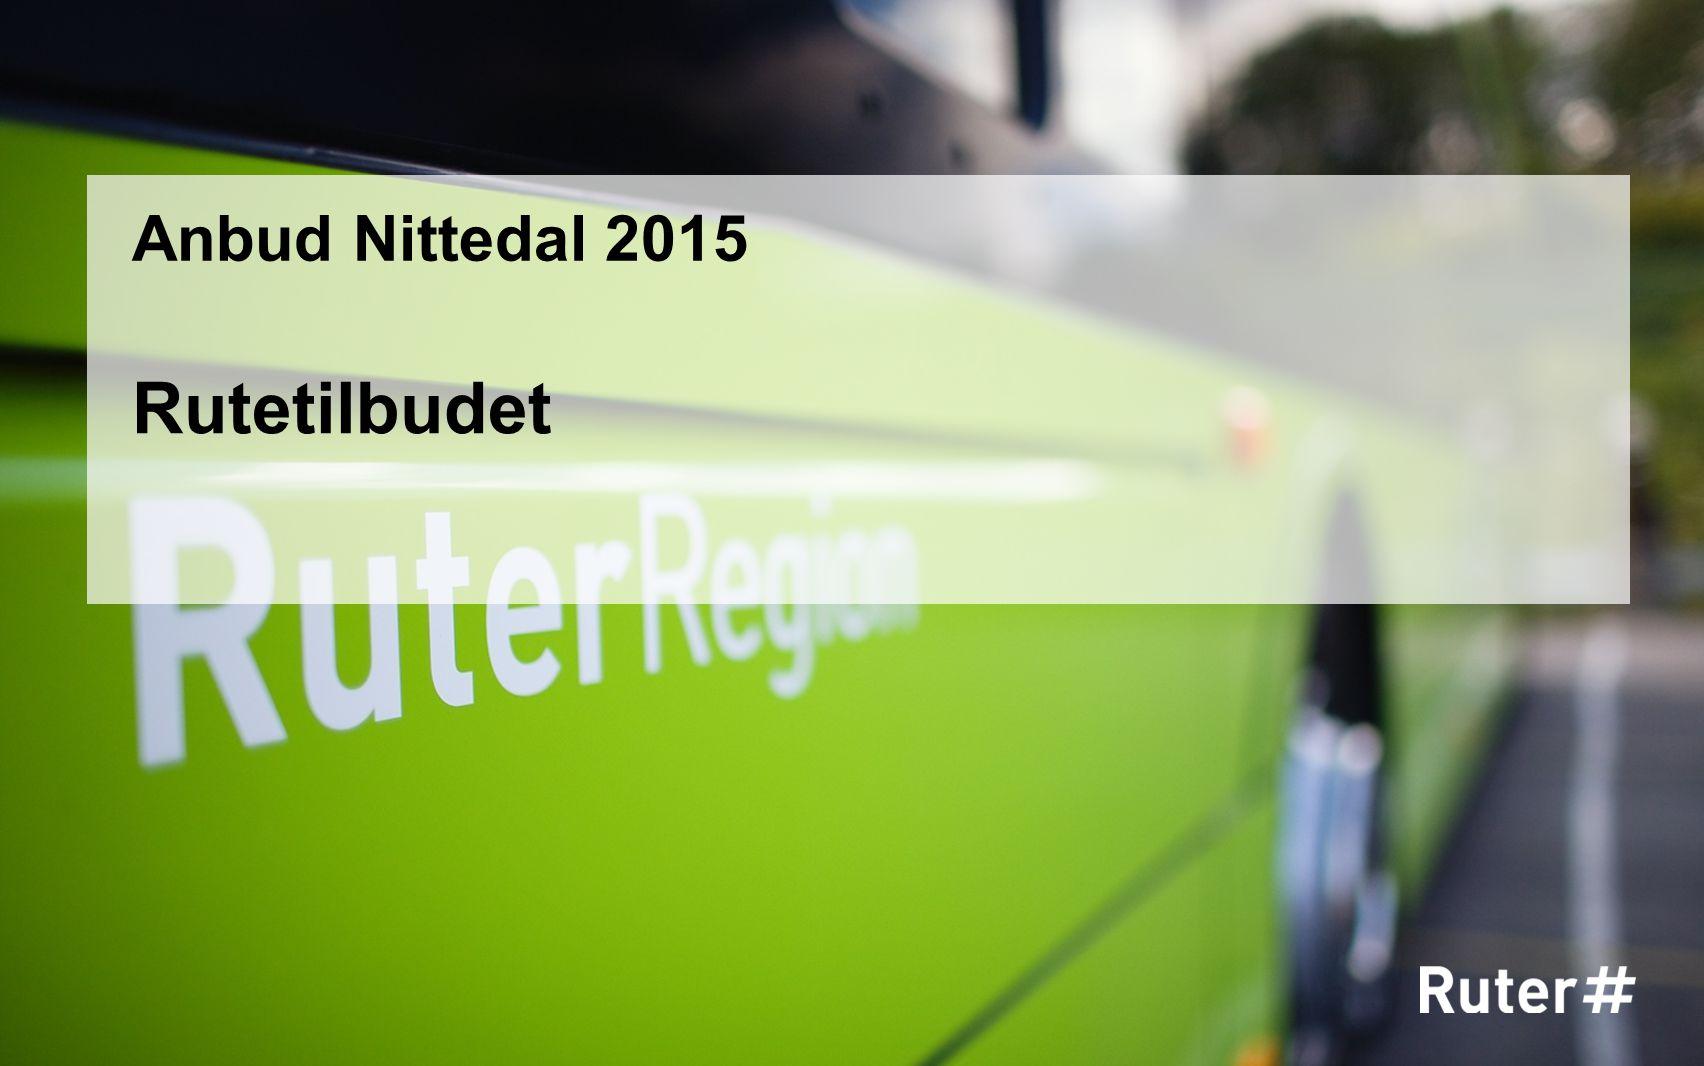 Rutetilbudet Anbud Nittedal 2015